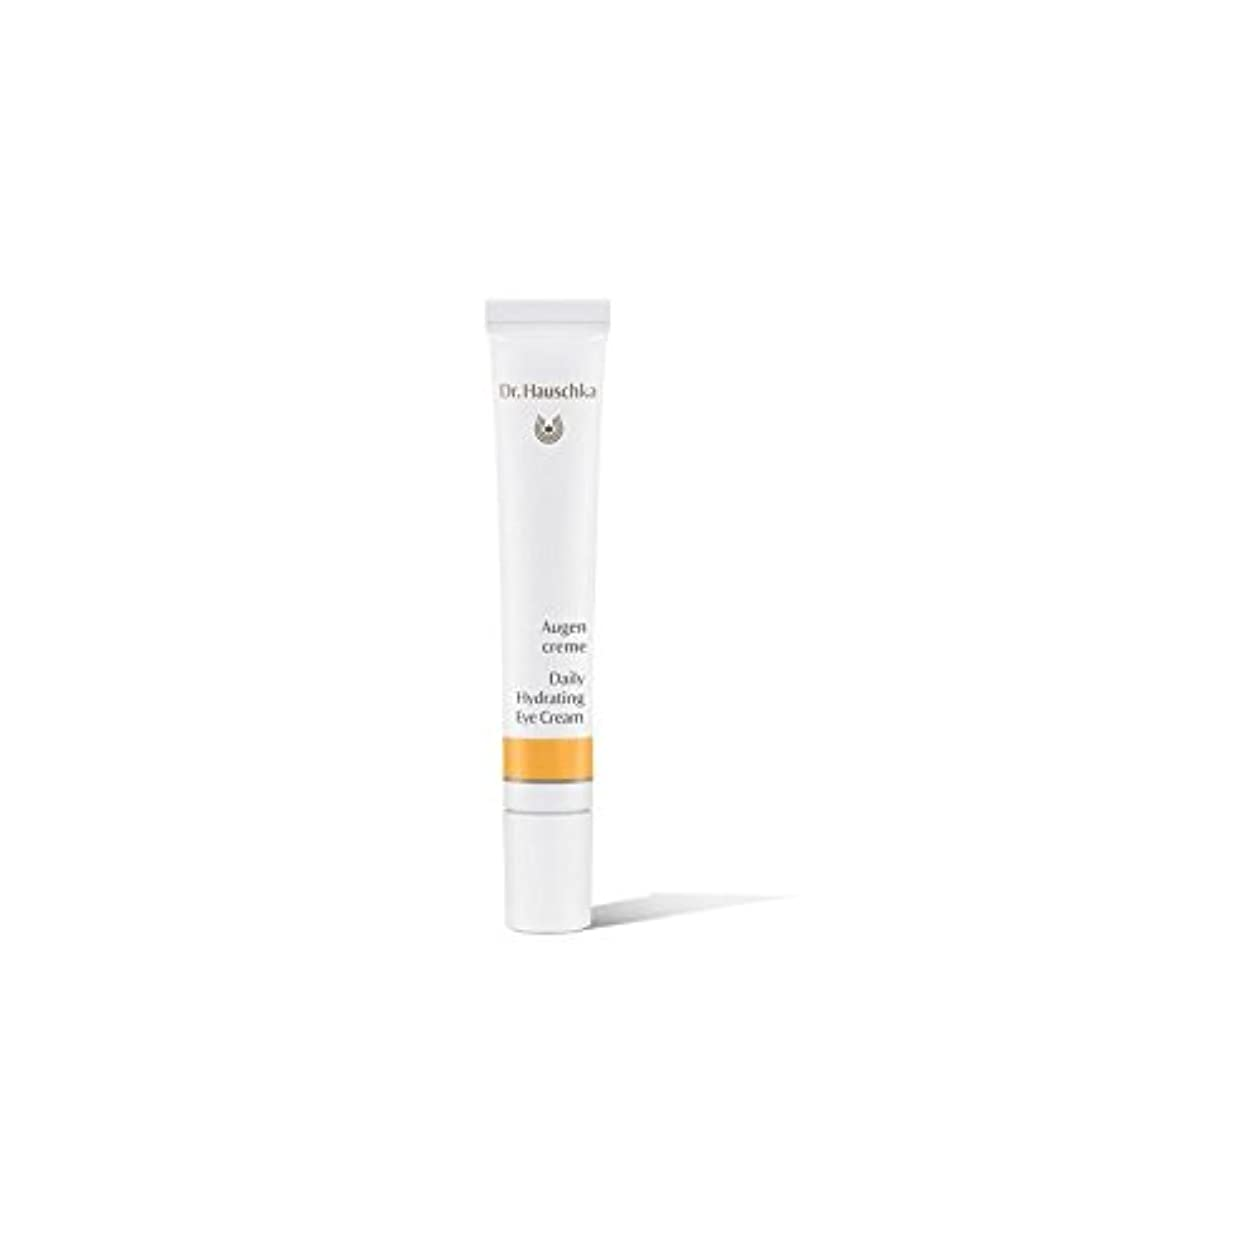 庭園過半数容器Dr. Hauschka Daily Hydrating Eye Cream 12.5ml - ハウシュカ毎日水和アイクリーム12.5ミリリットル [並行輸入品]